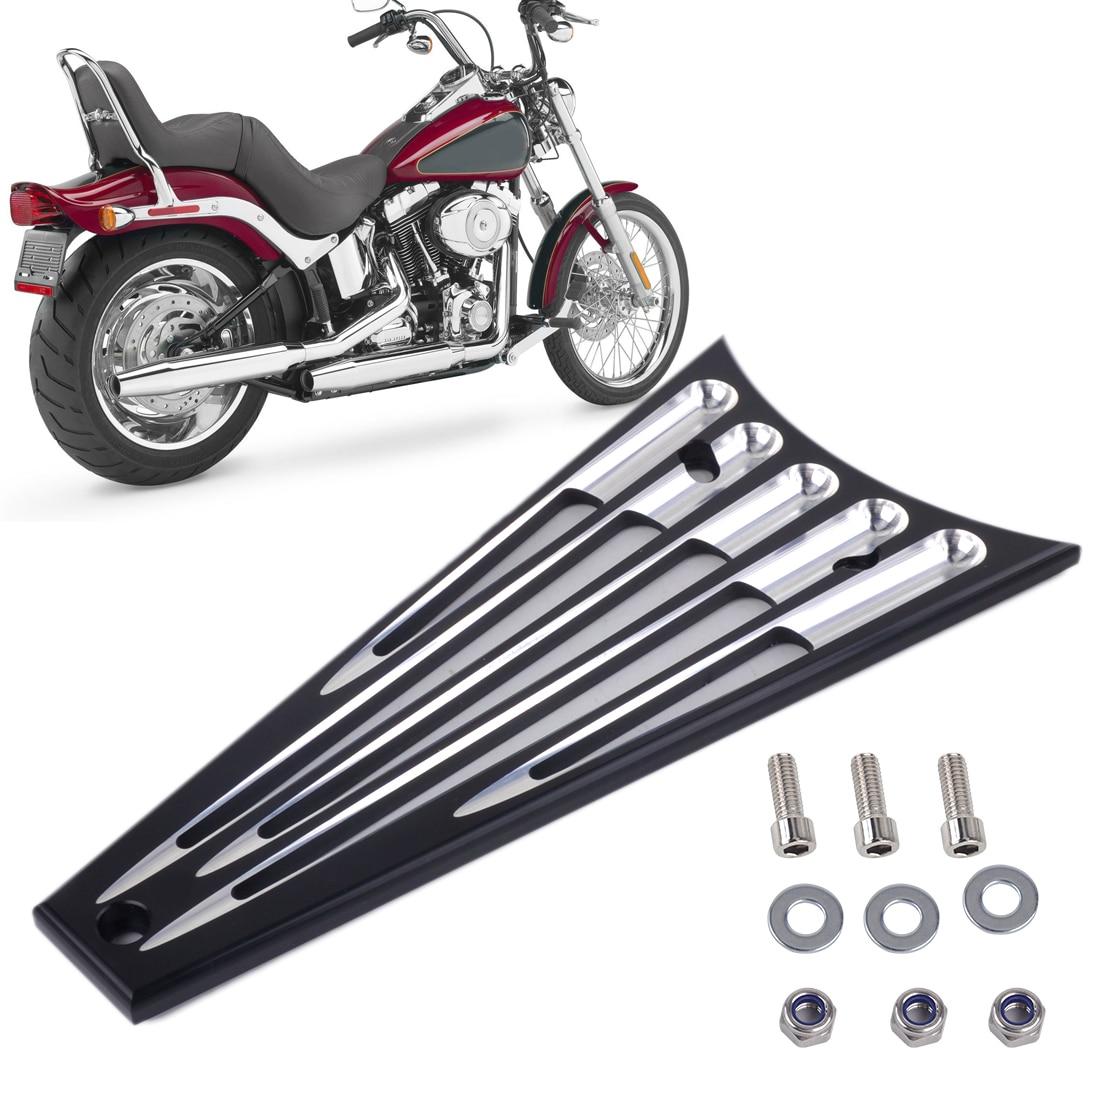 DWCX 6 Columns Billet Deep Cut Frame Grill Fit For Harley Electra Glide Road King Road